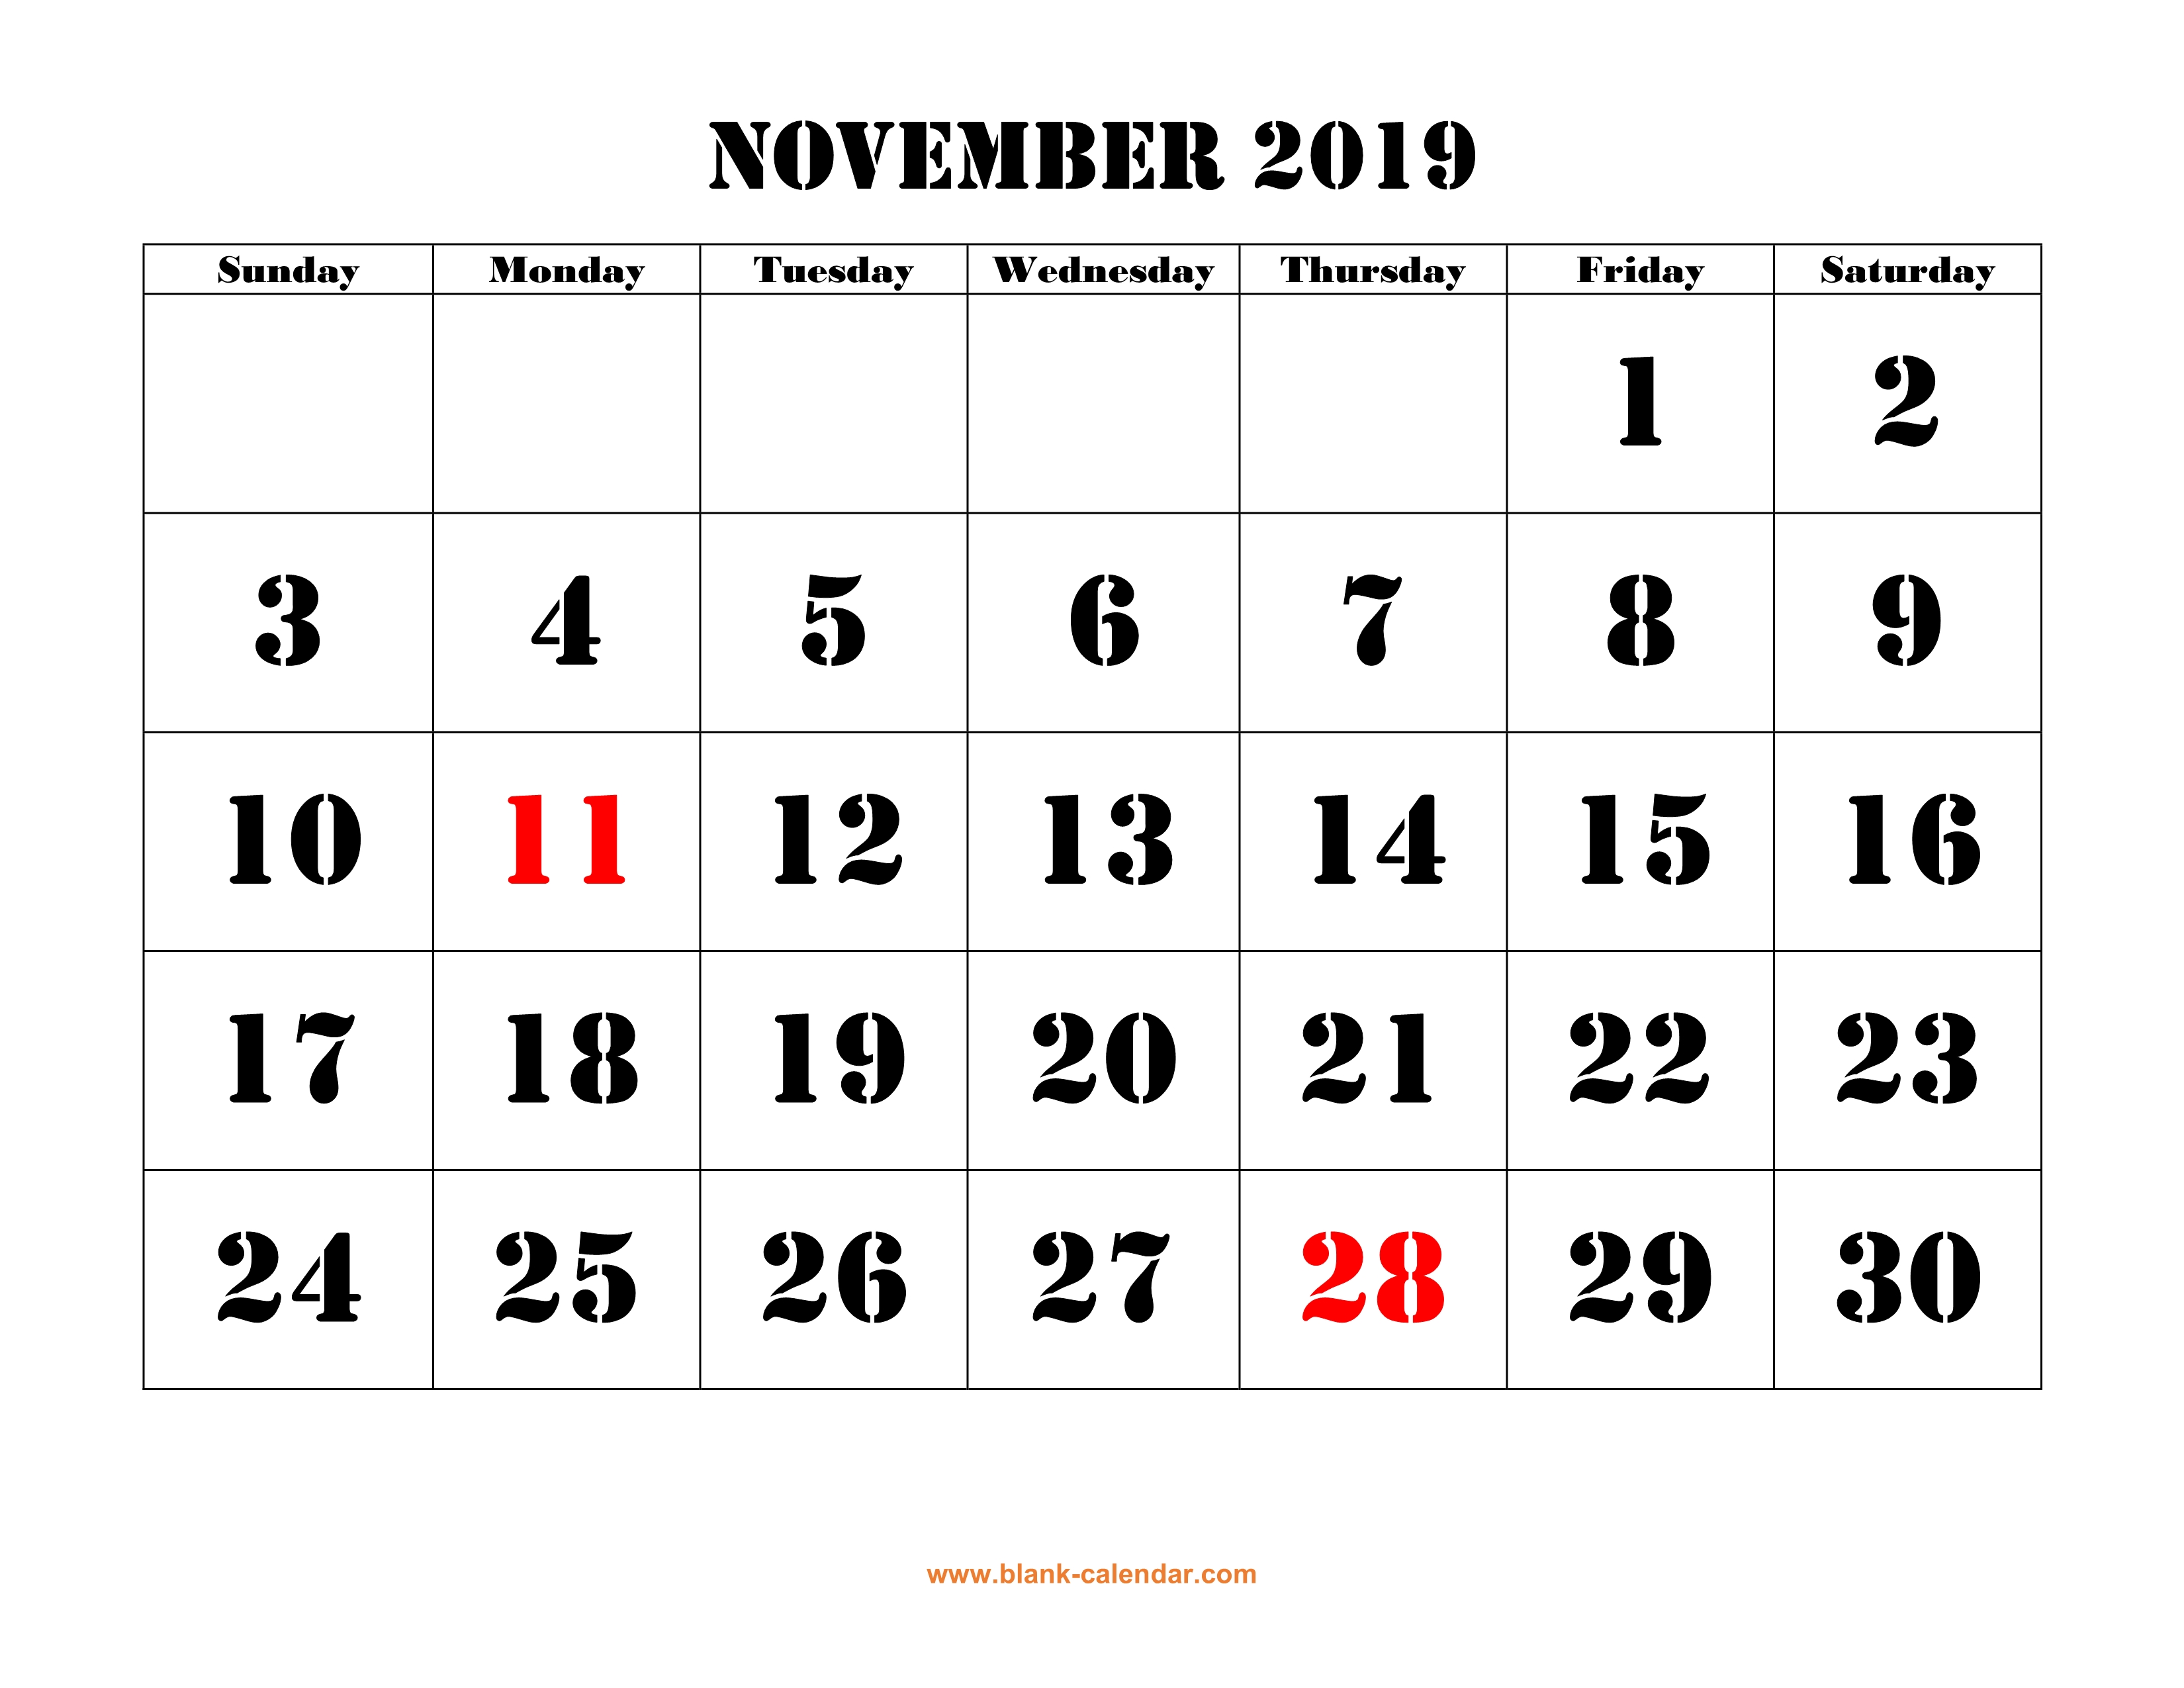 Free Download Printable November 2019 Calendar, large font ...